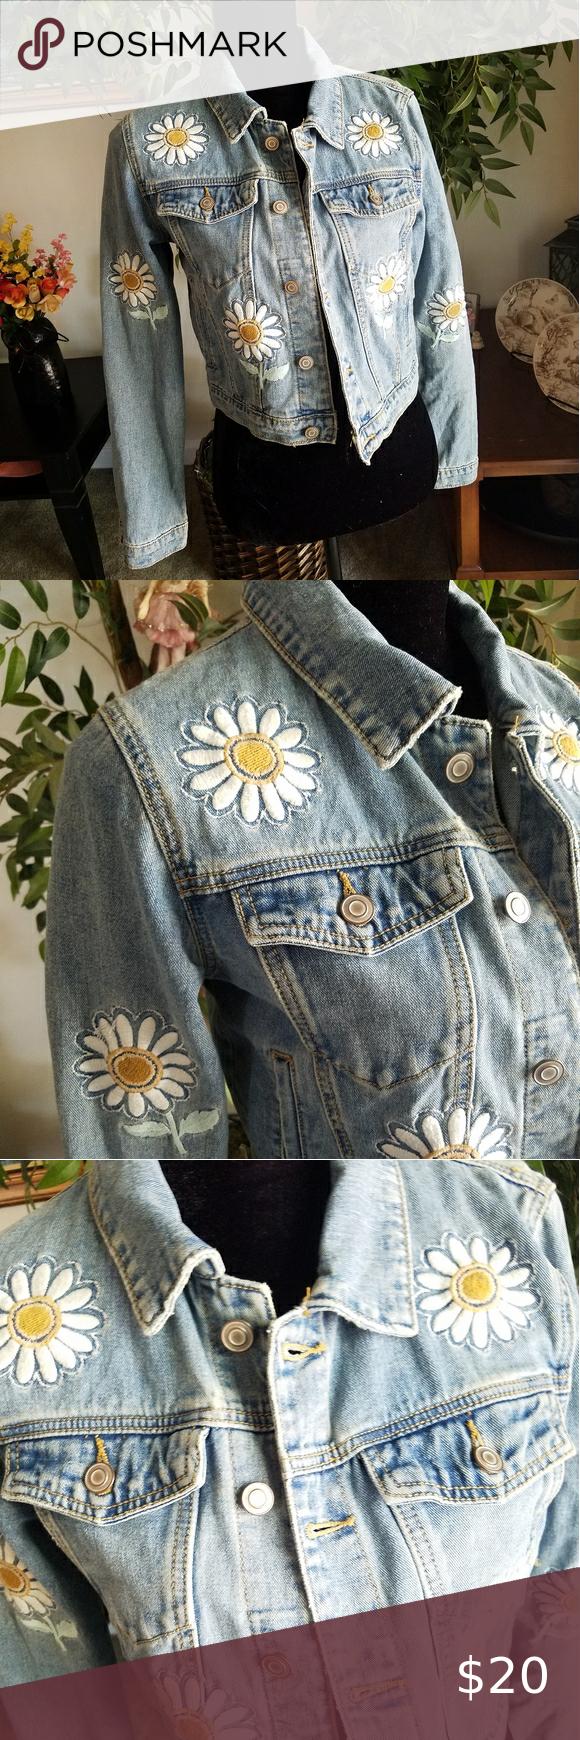 Forever 21 Daisy Jean Jacket Jackets Jean Jacket Jackets For Women [ 1740 x 580 Pixel ]